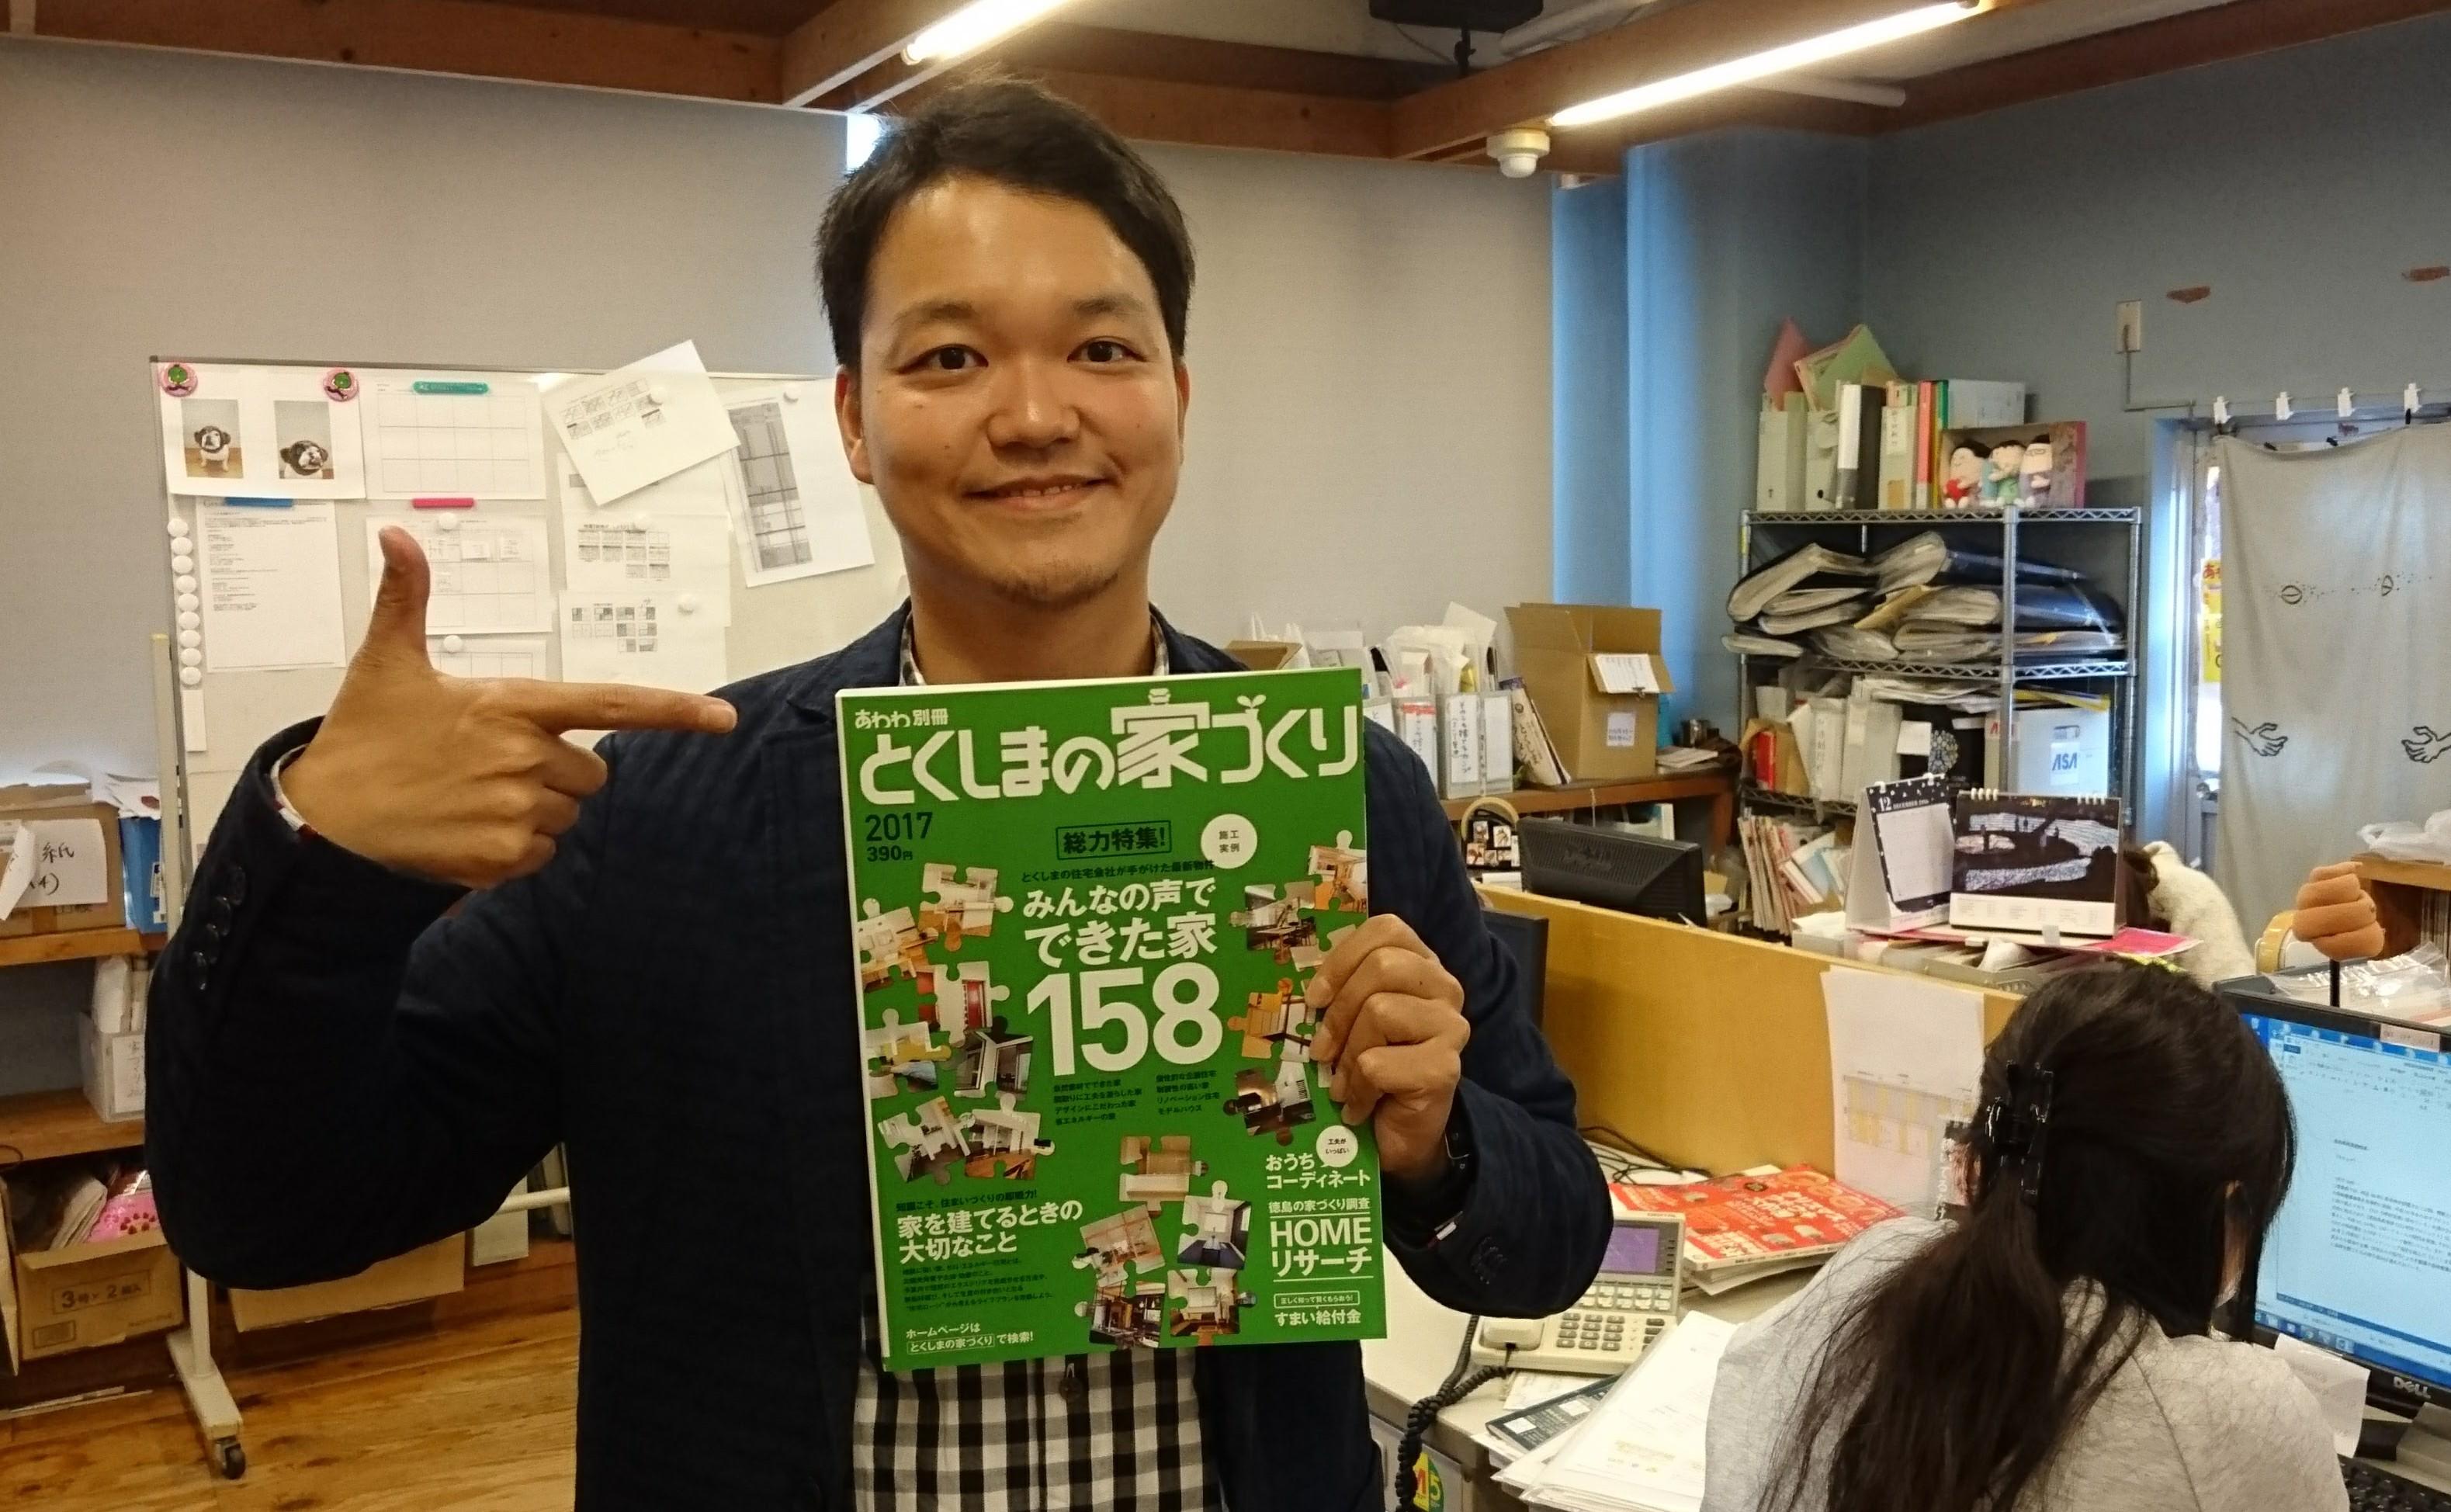 三十路オトコの夢、それはマイホーム!そんな時はこれを読もう☆